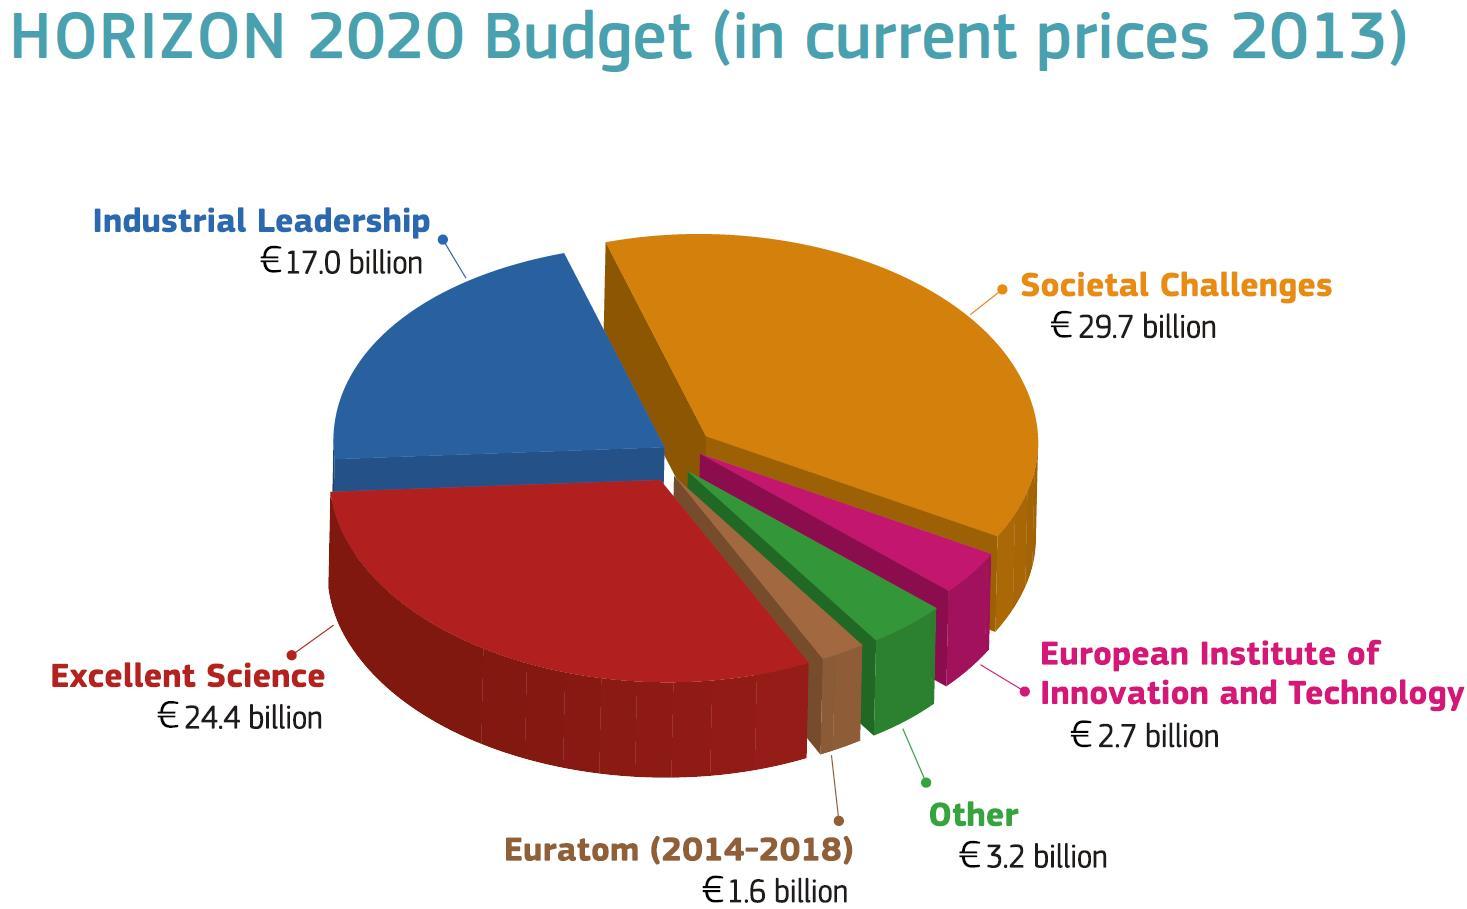 Horizon 2020 - European External Action Service